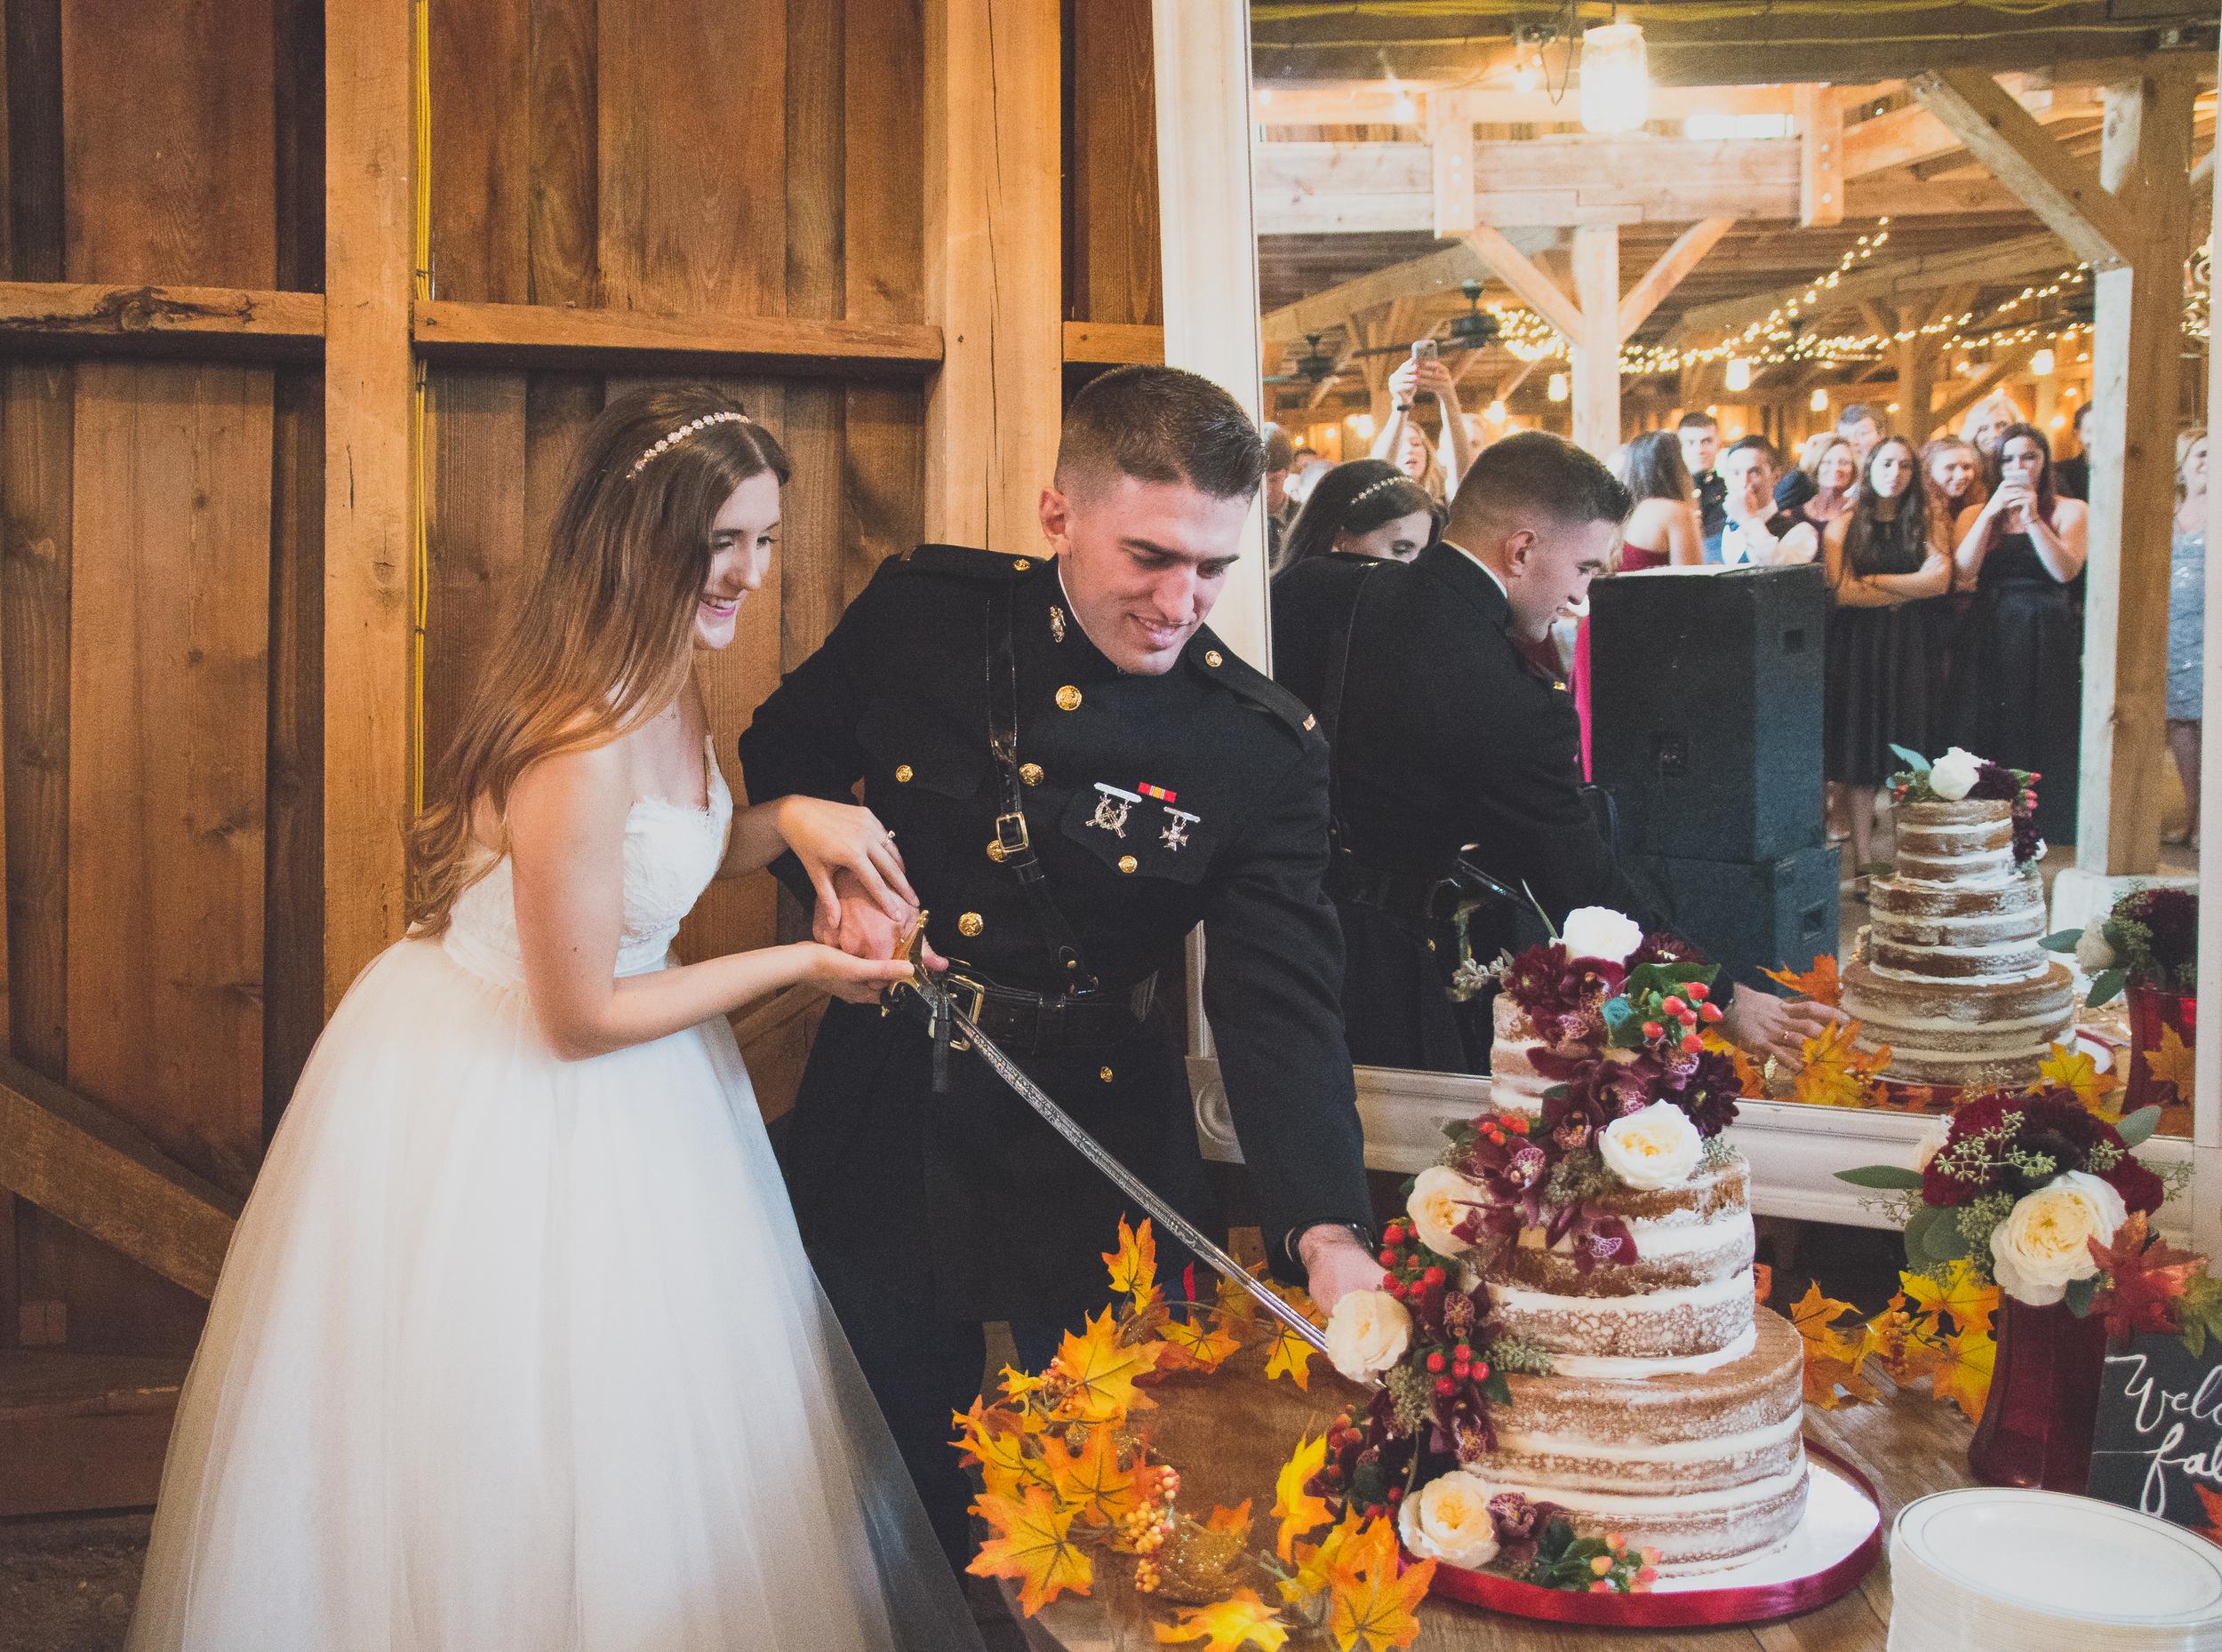 The Glasgow Farm Wedding bride and groom cutting cake Photo